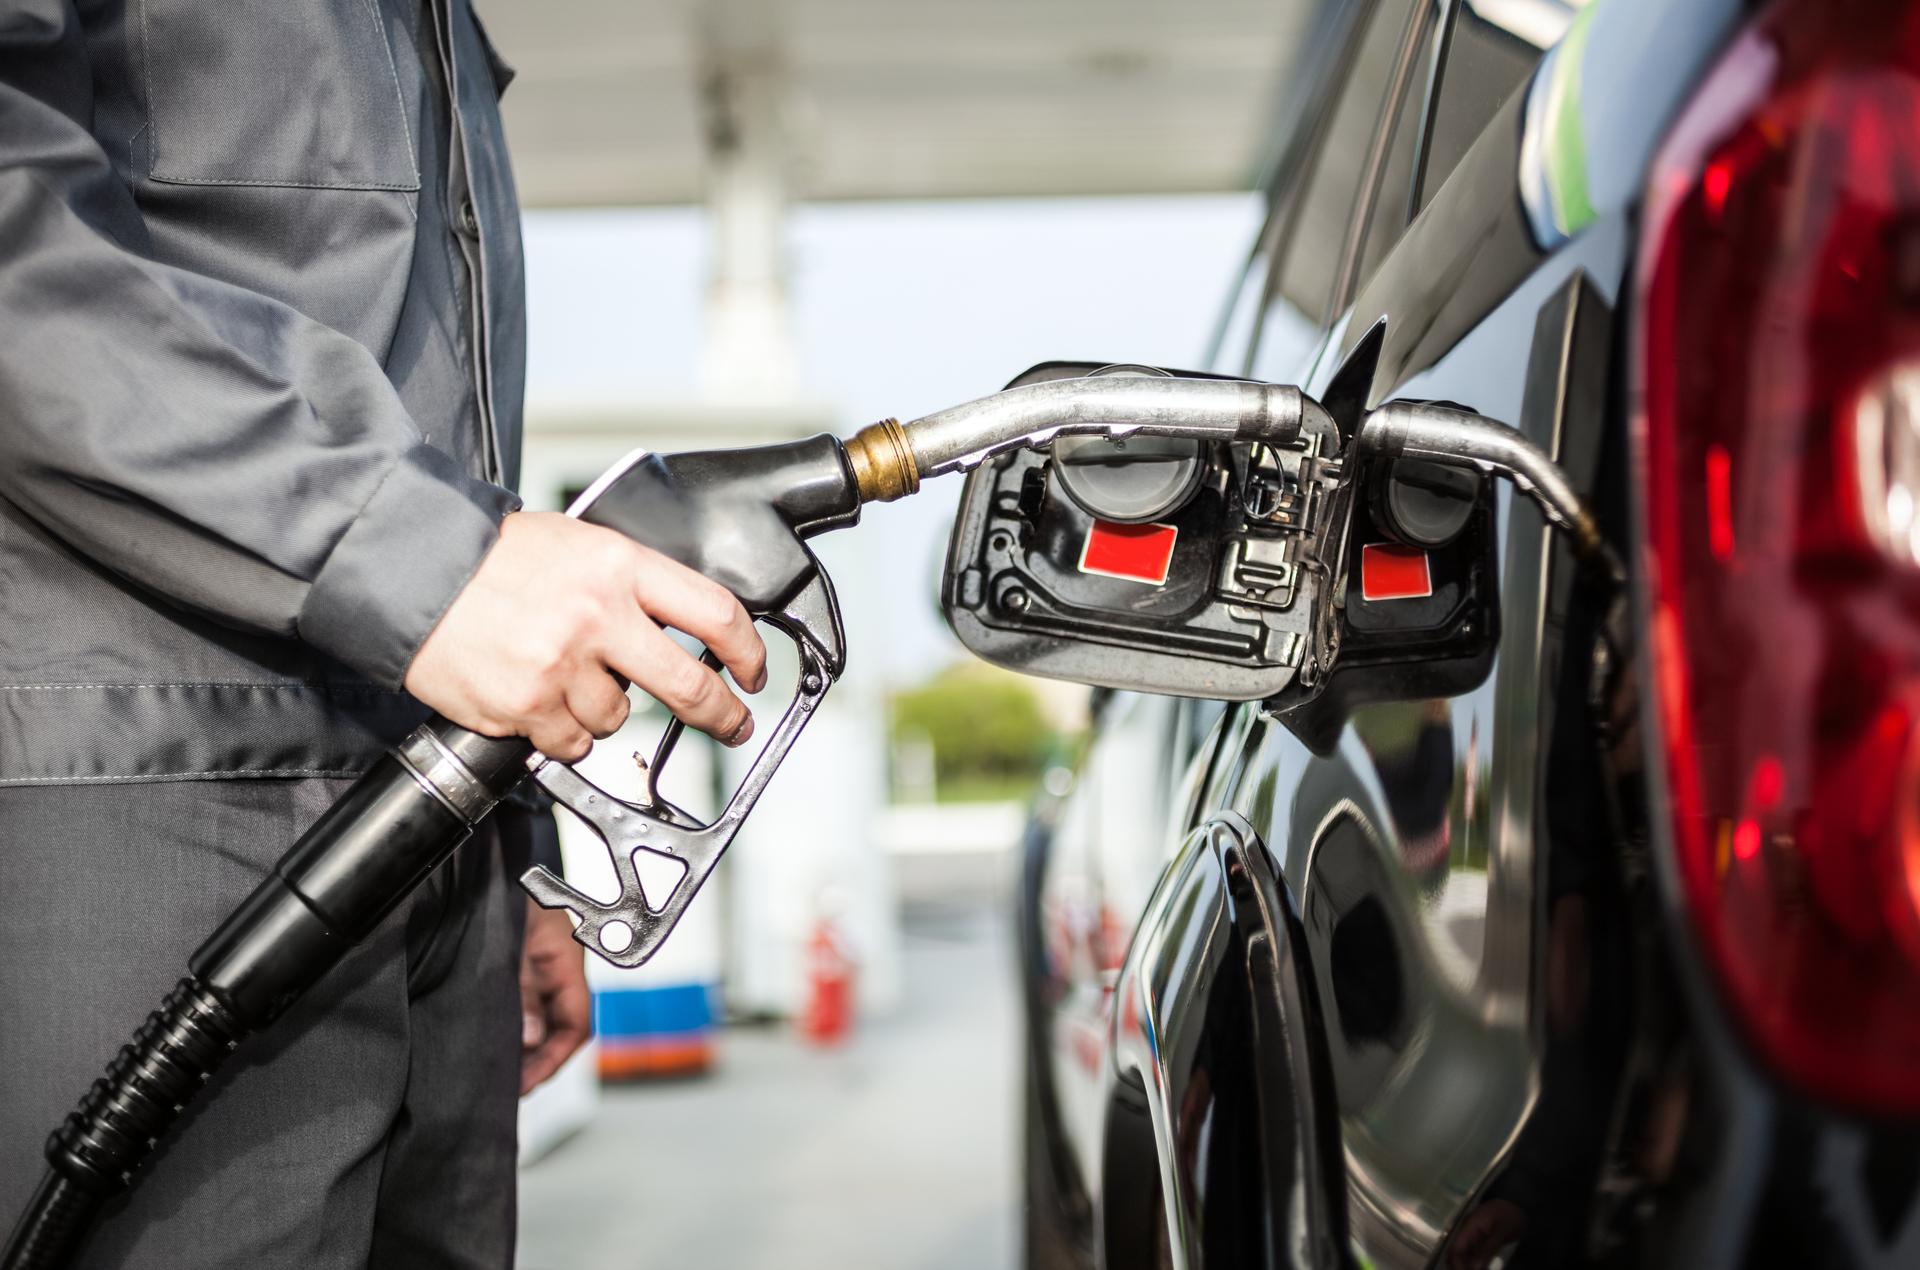 frentista abastecer carro com gasolina etanol